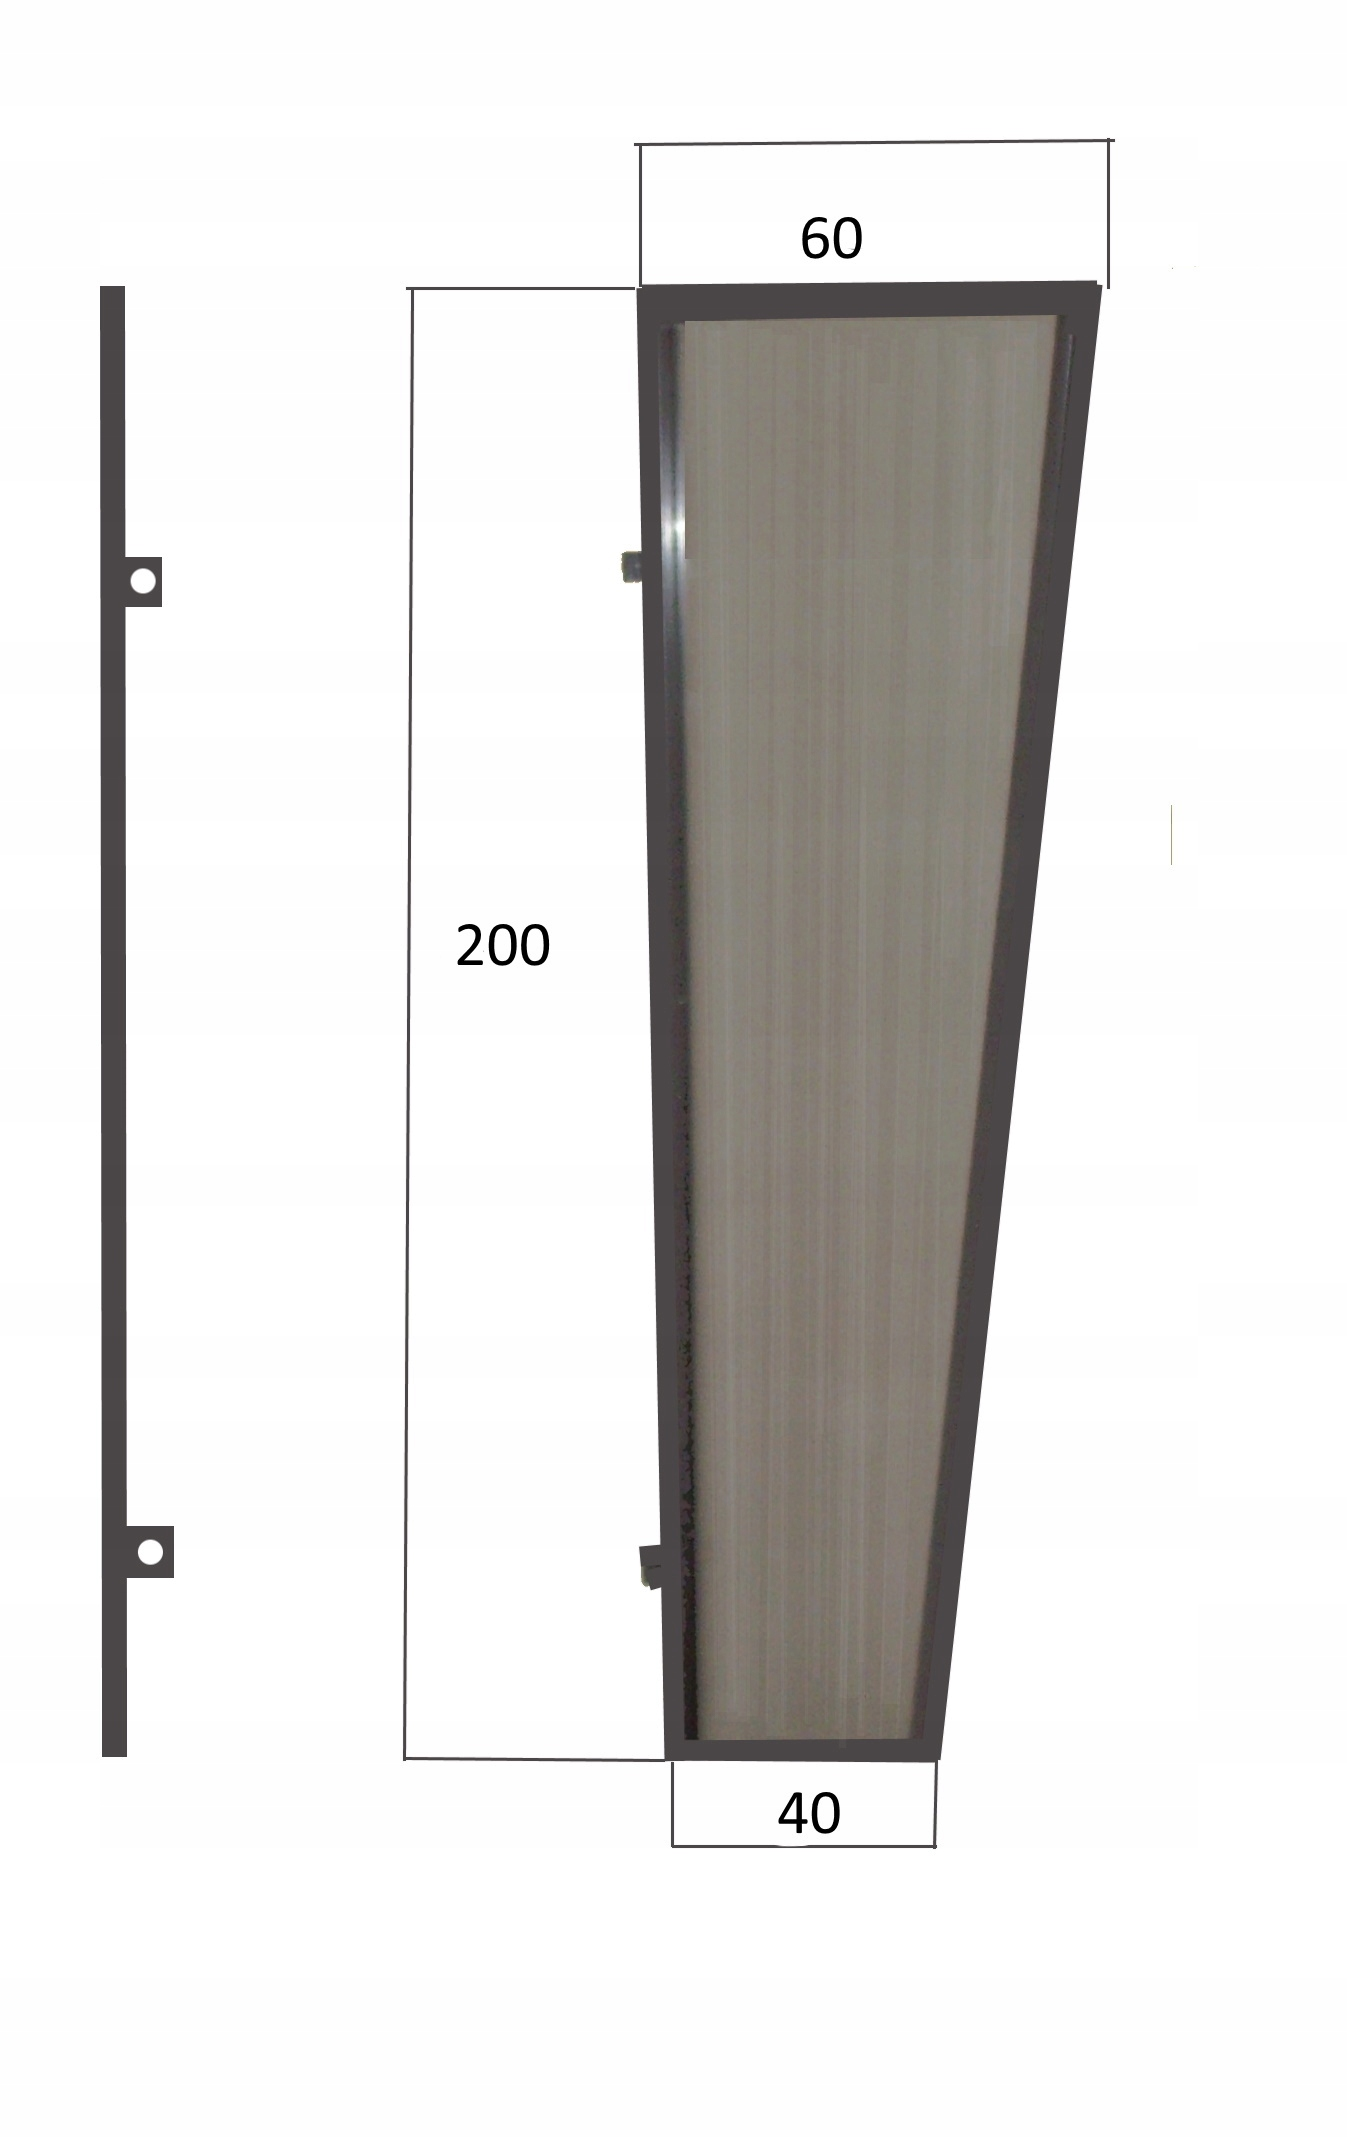 Bočná stena pre prístrešok nad dvere 200x60x40